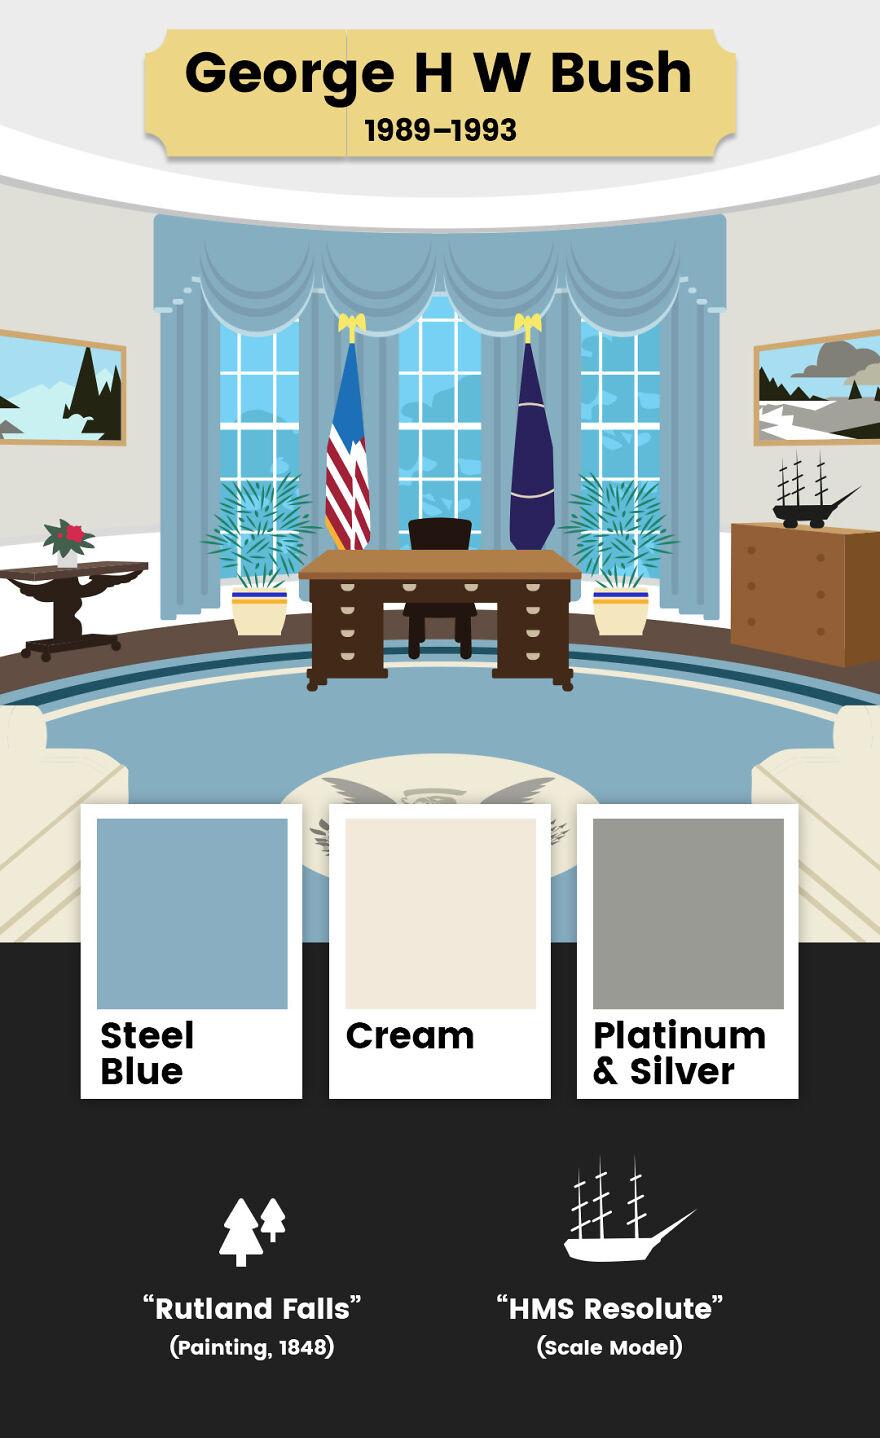 ოვალური ოთახი, პრეზიდენტი, საპრეზიდენტო ილუსტრაცია, დიზაინი, დეკორი, ბლოგი, qwelly, blog